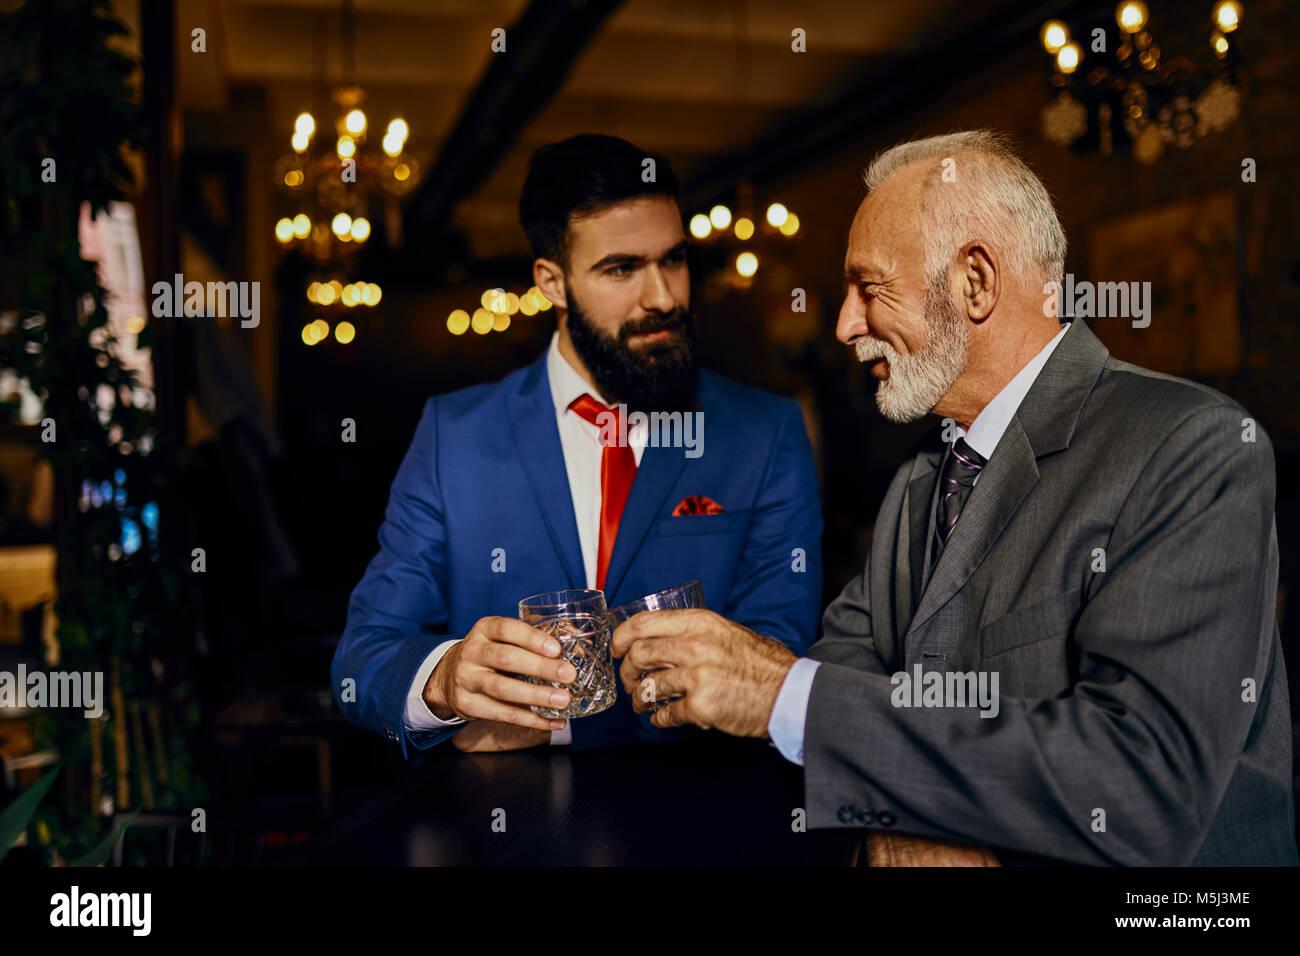 Zwei elegante Männer in einer Bar klirren Gläser Stockbild